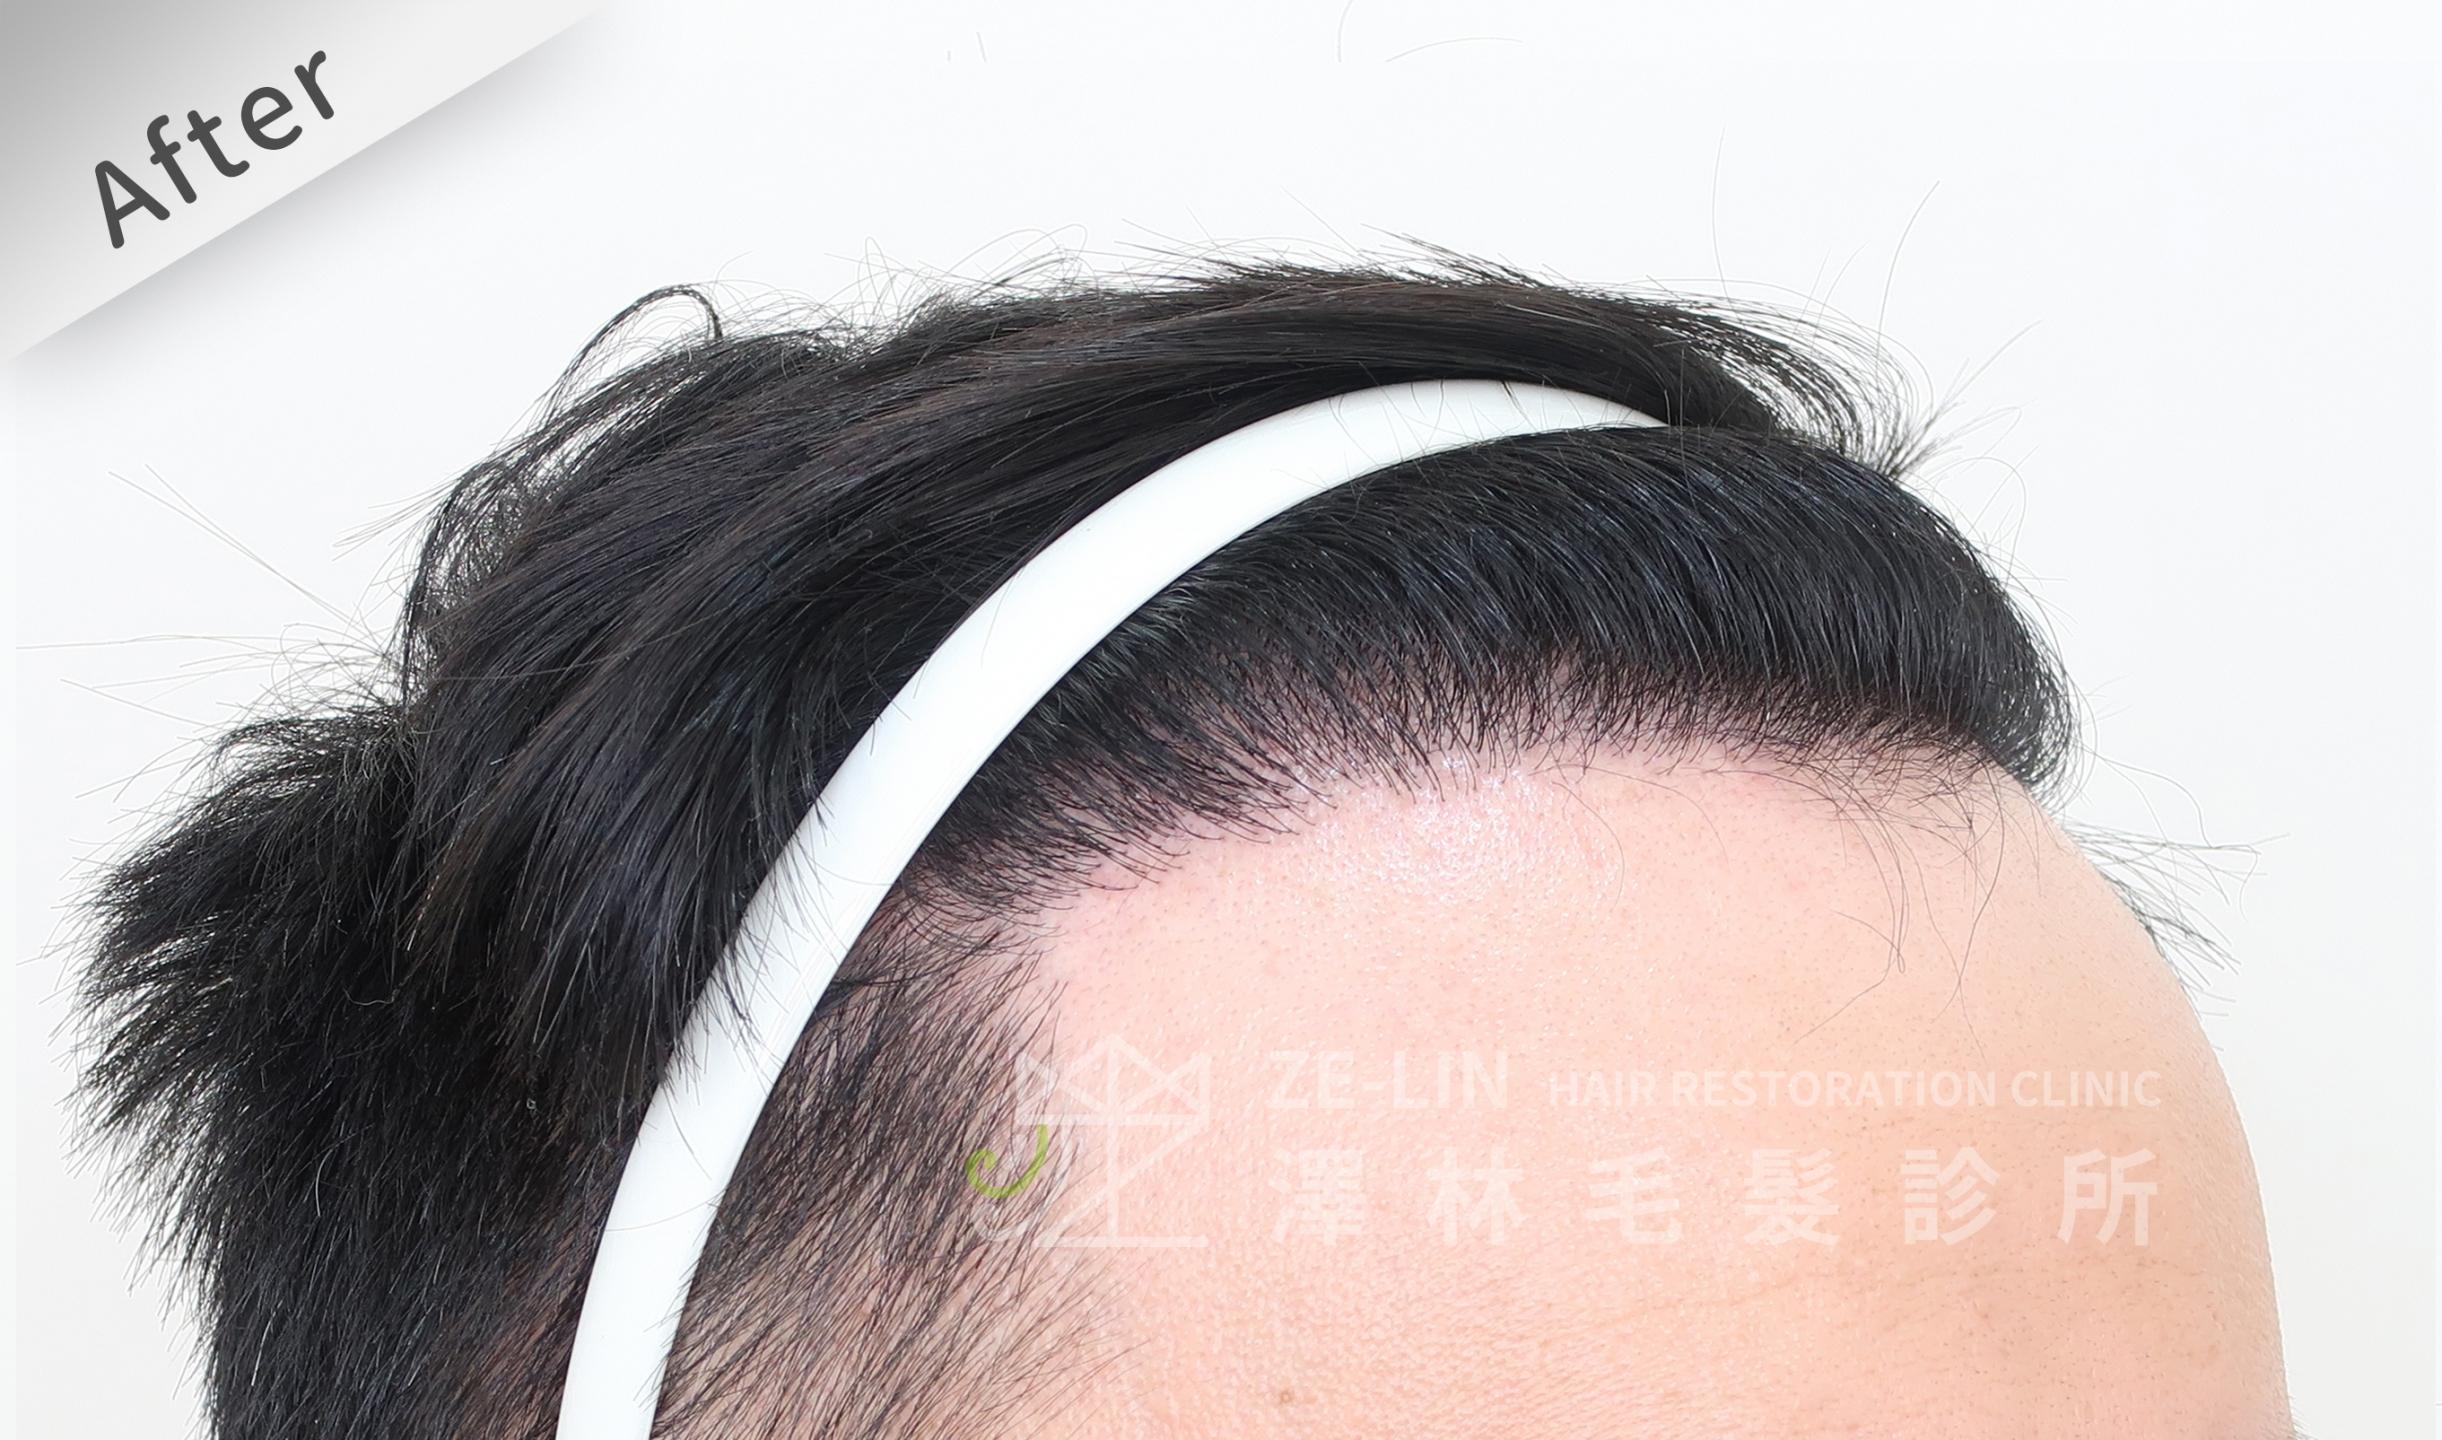 M型禿植髮推薦案例心得分享術後12-2